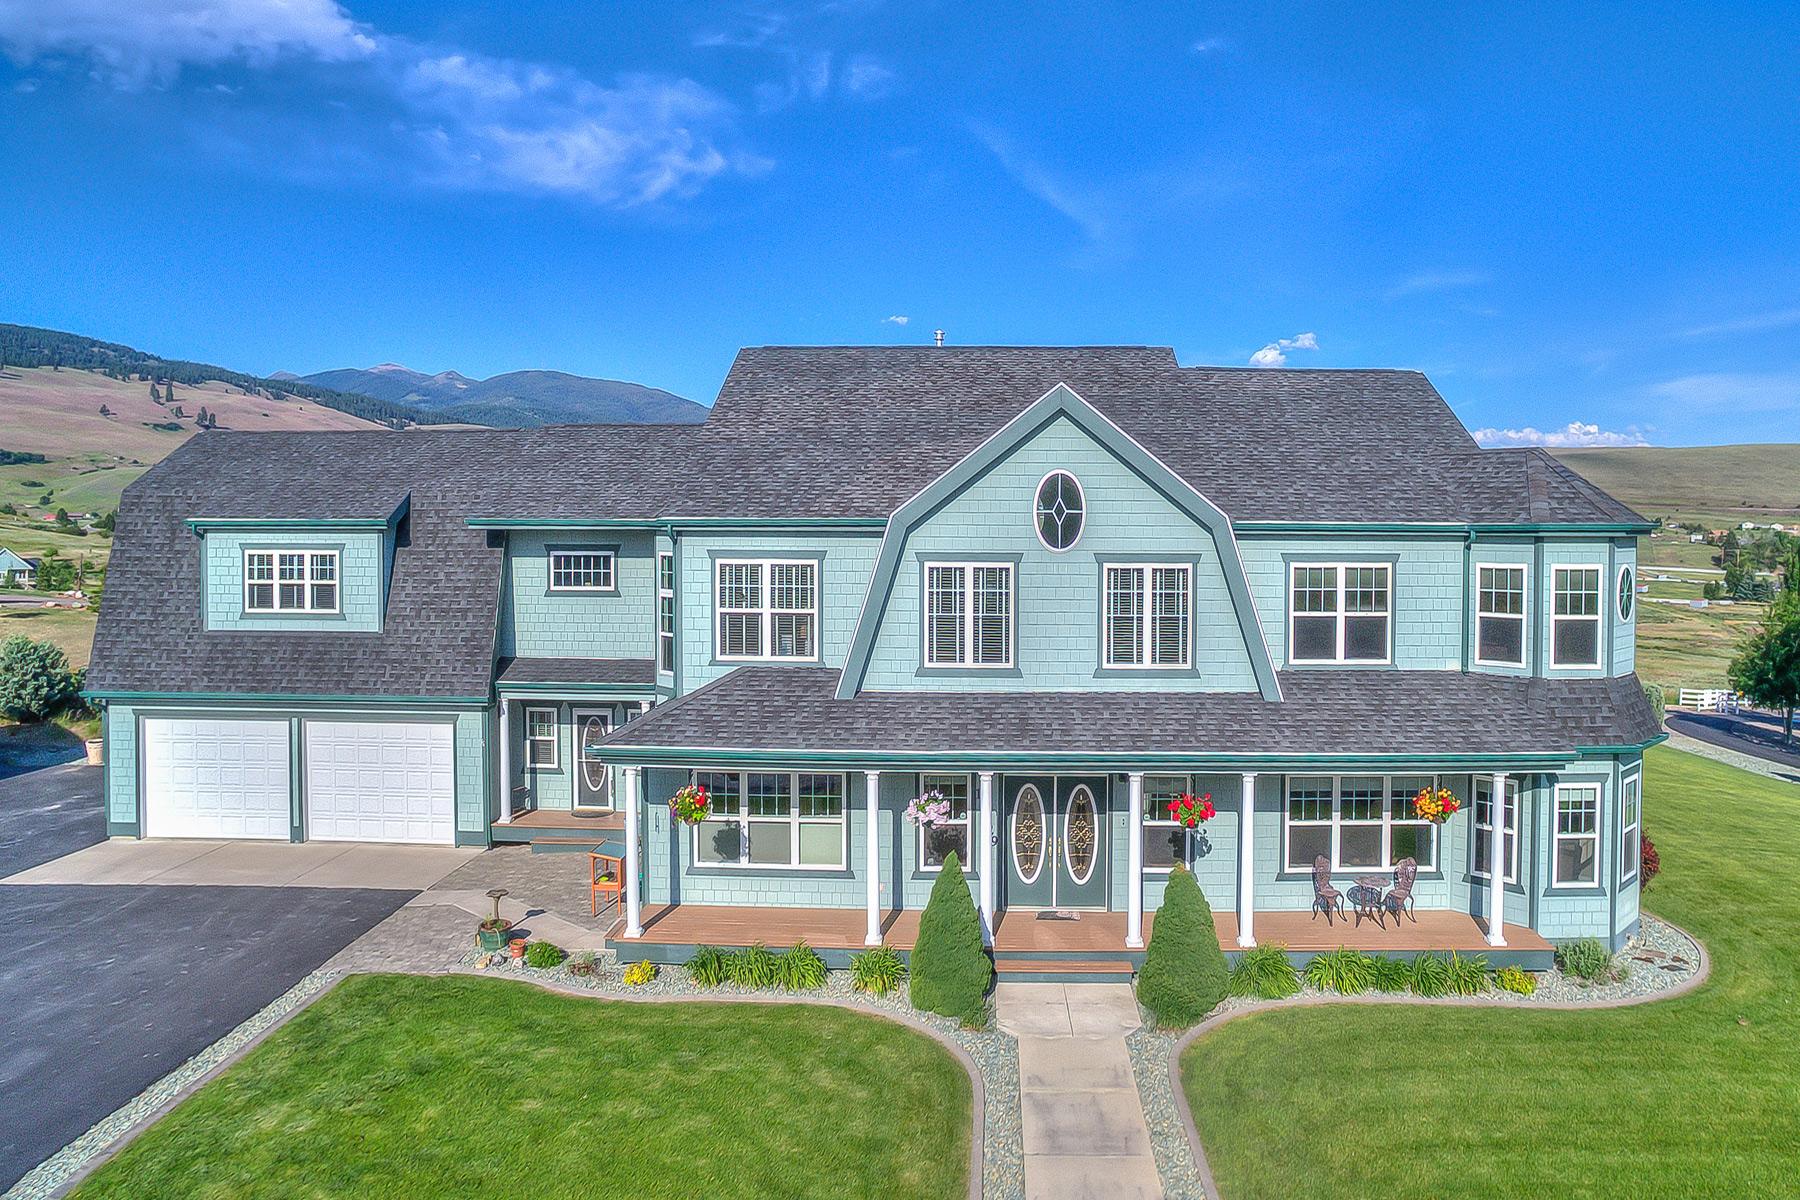 独户住宅 为 销售 在 11329 Tookie Trek 11329 Tookie Trek 米苏拉, 蒙大拿州, 59808 美国